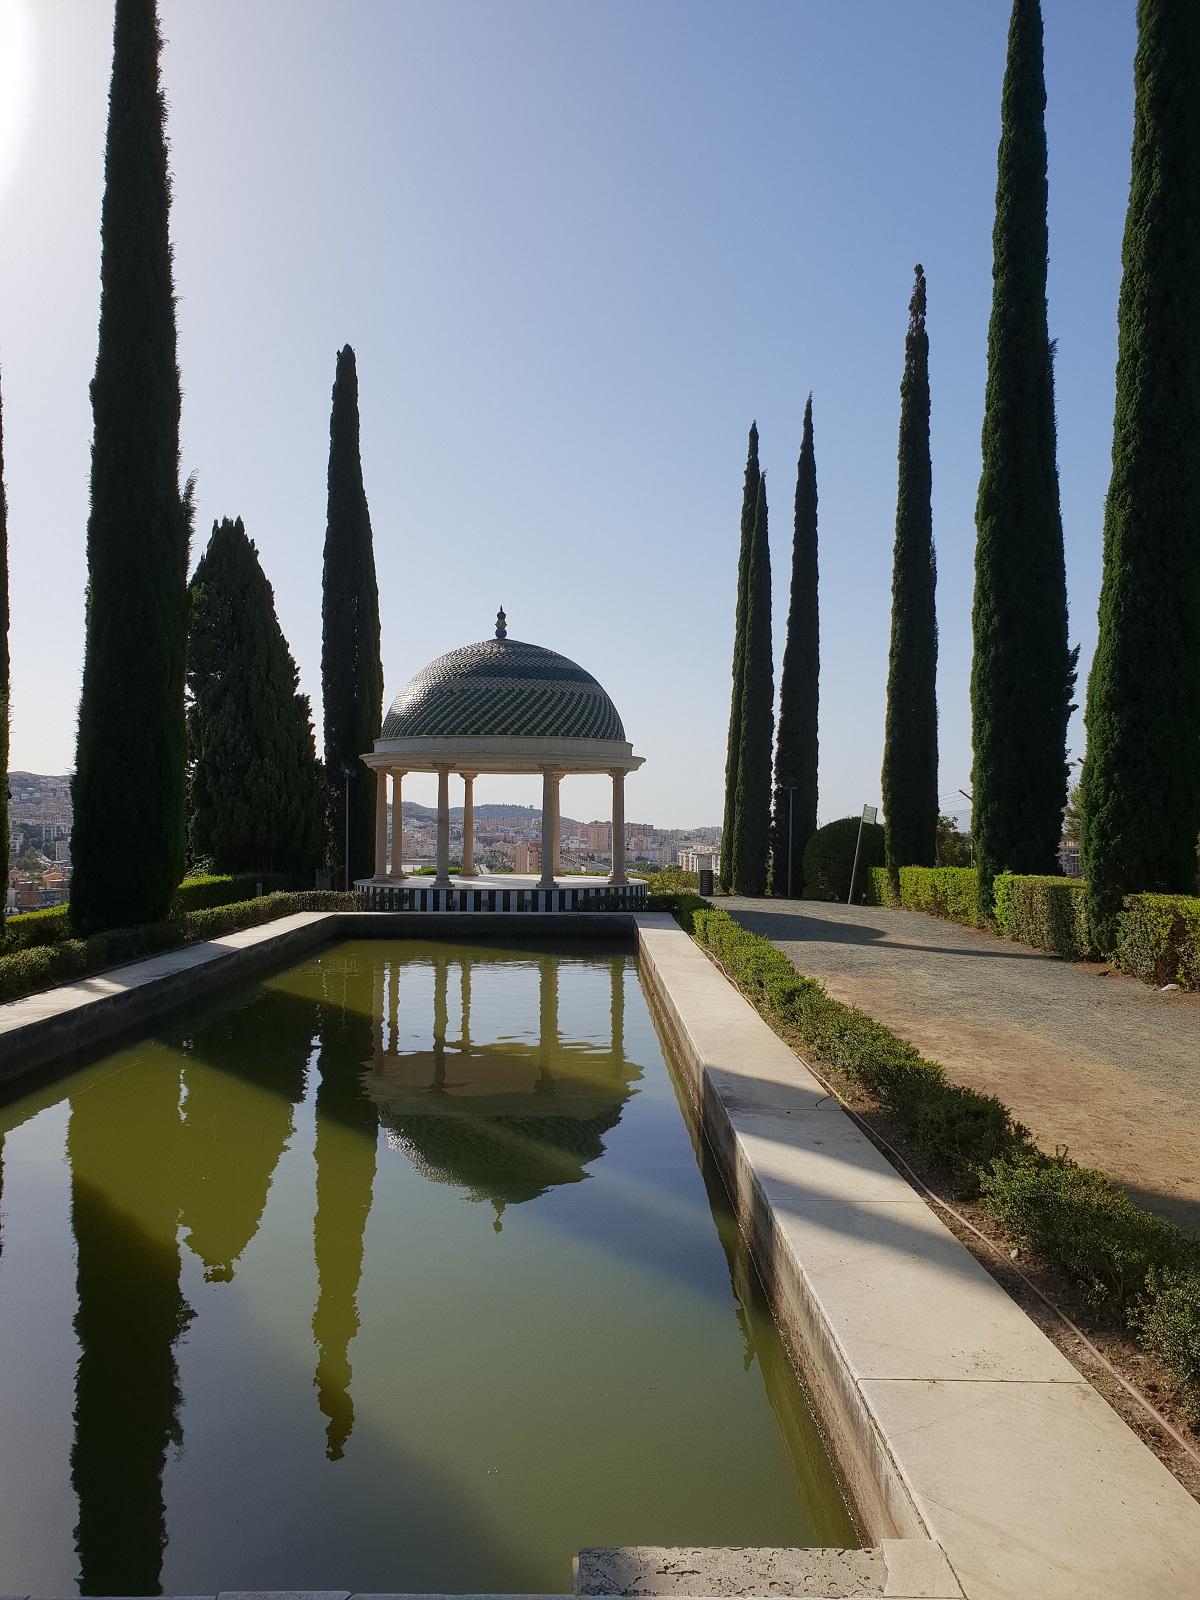 _Malaga_botanische tuin_kapel